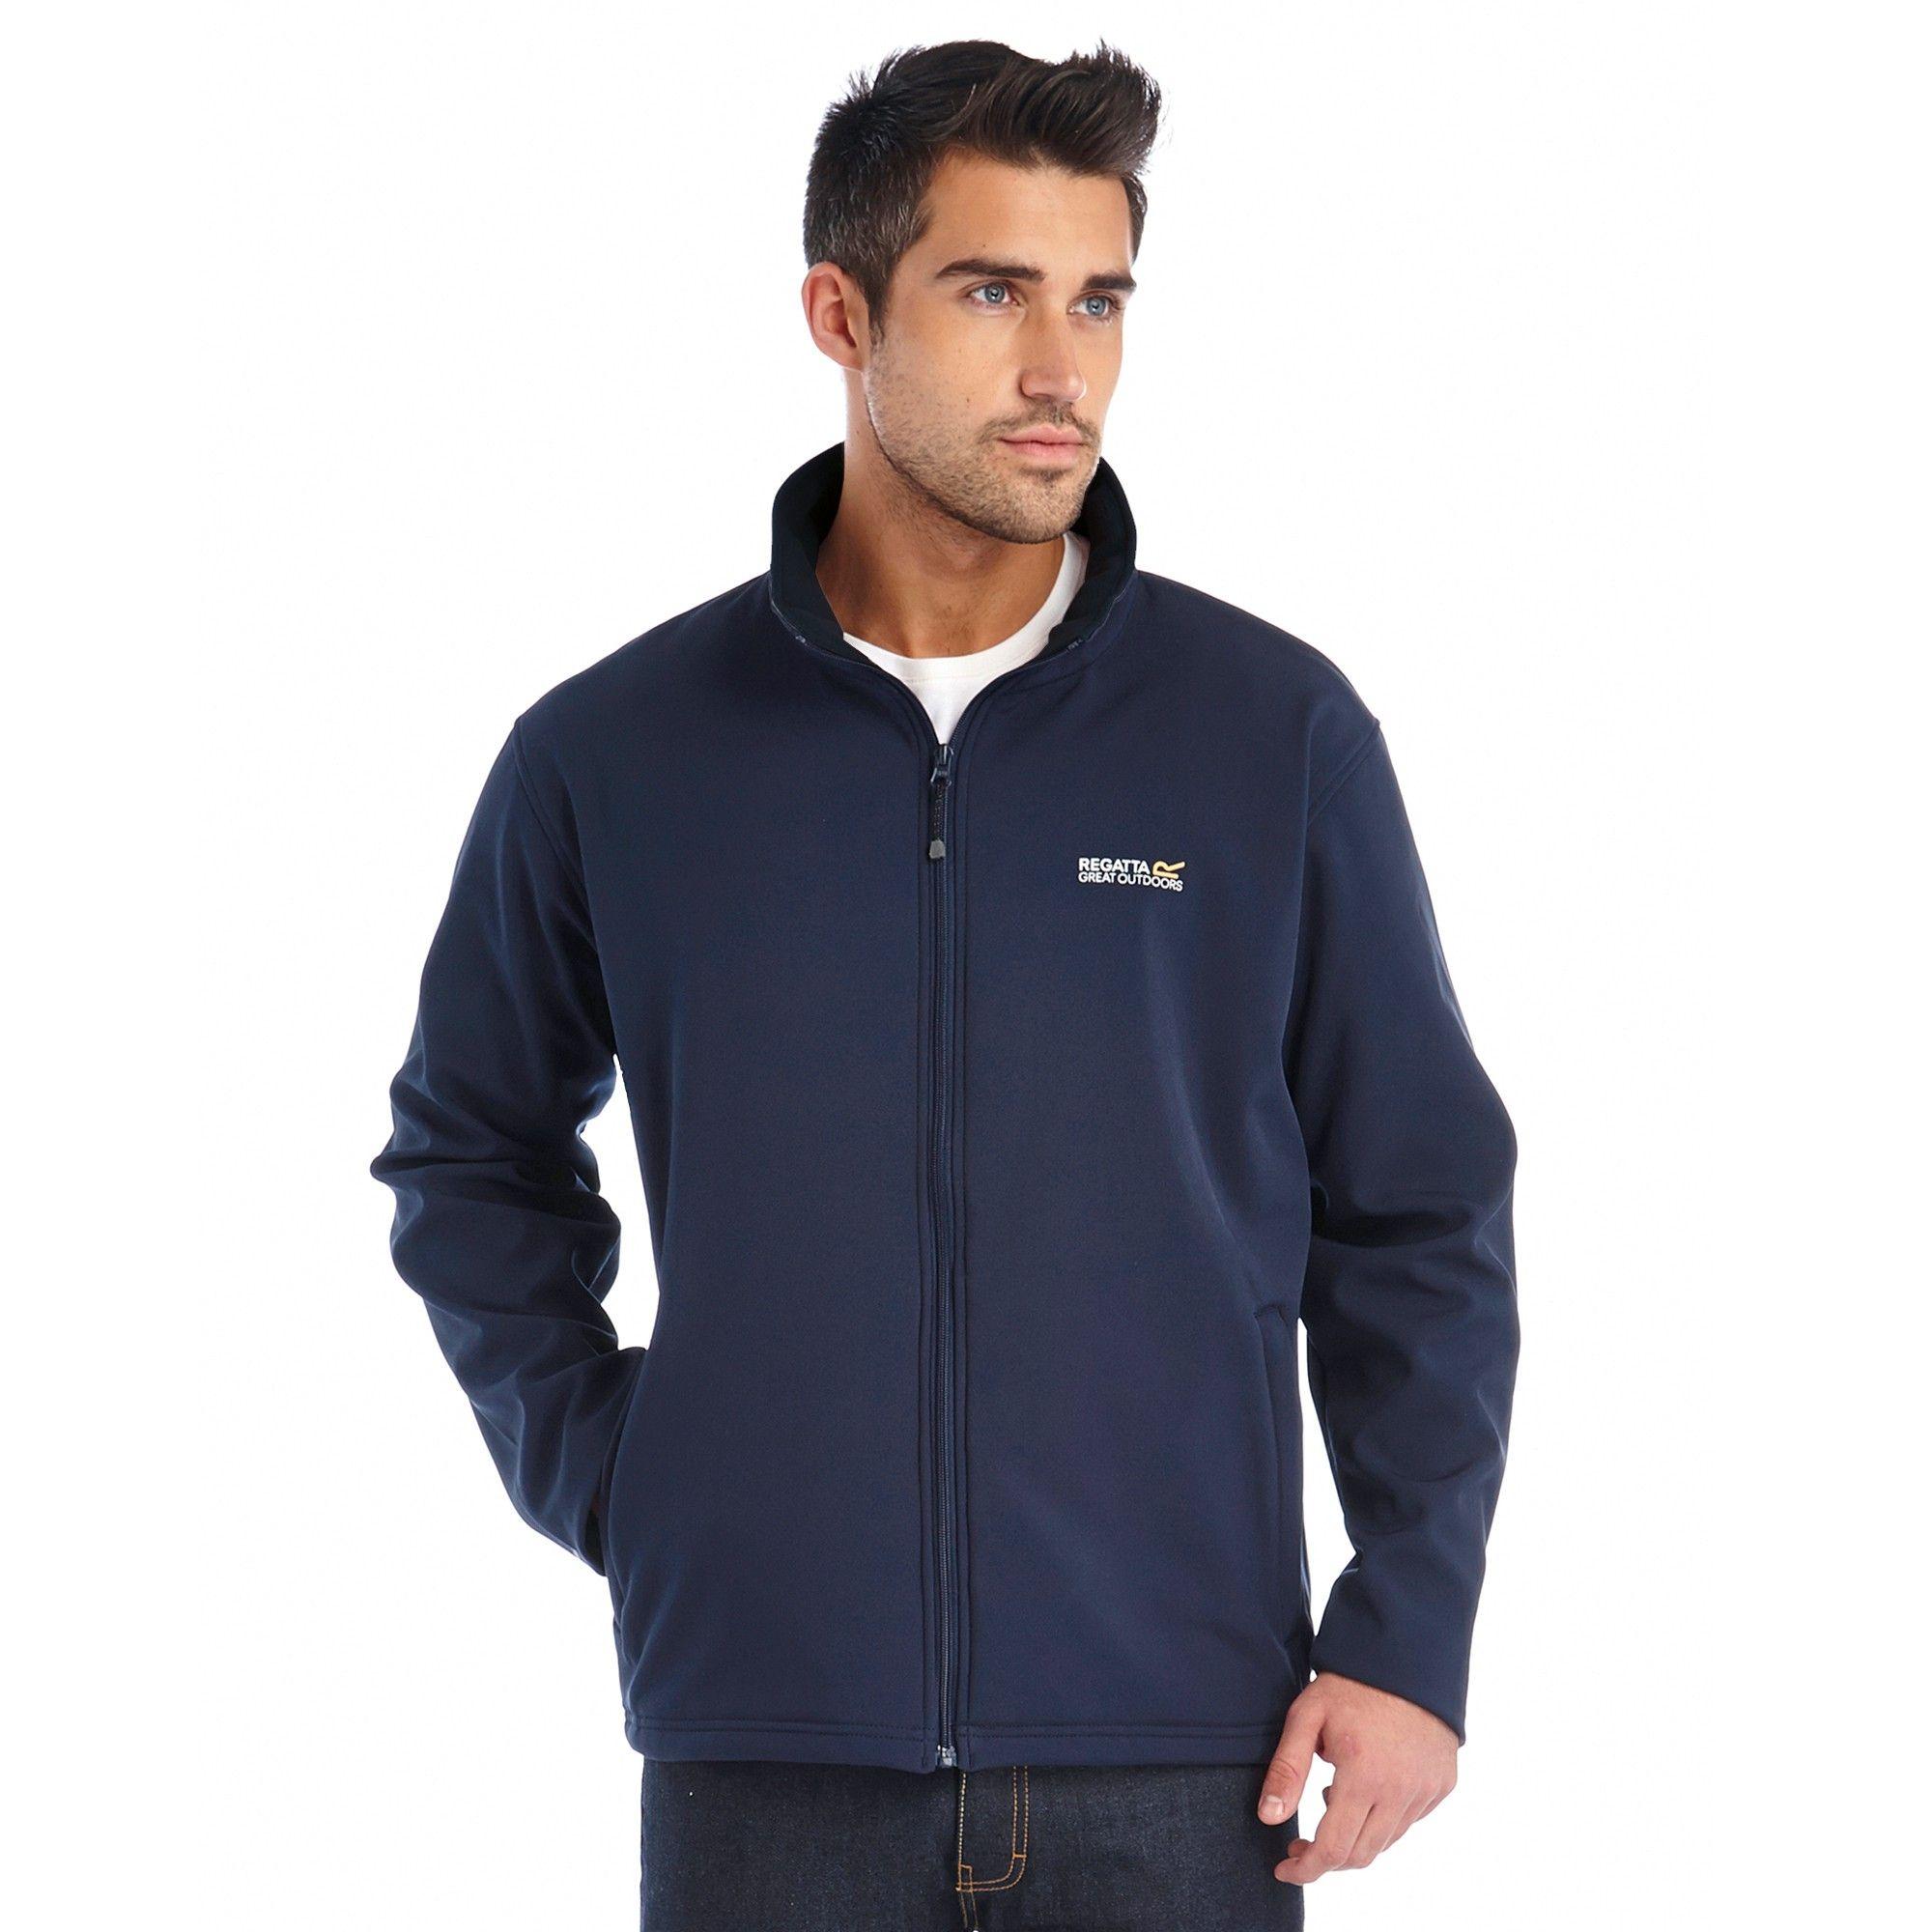 Regatta Great Outdoors Mens Cera III Lightweight Softshell Jacket